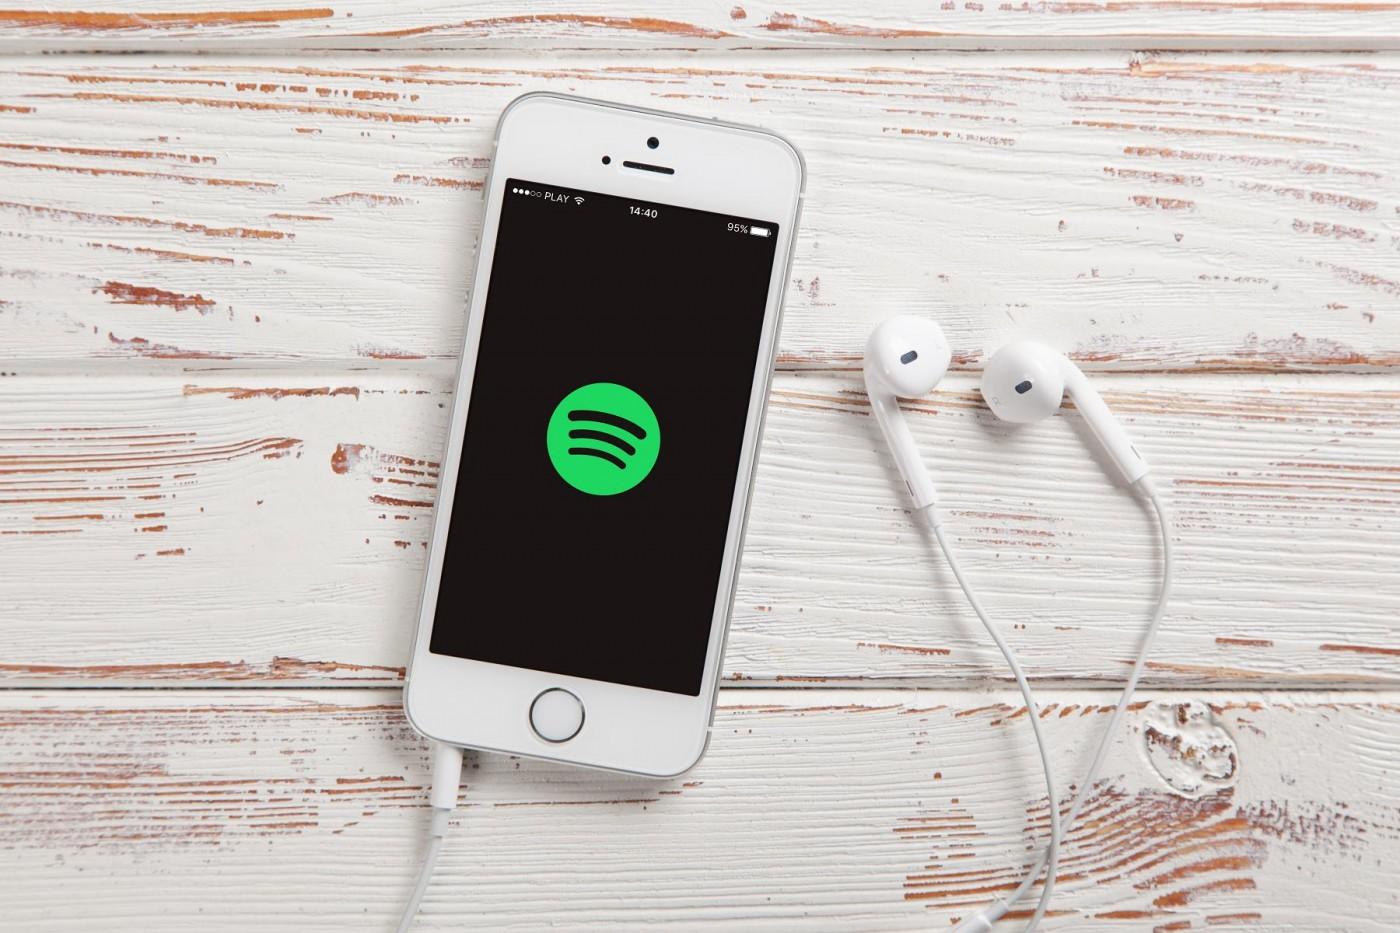 拚年底上市的Spotify,付費訂戶突破6千萬大關、瞄準Podcast市場拓營收